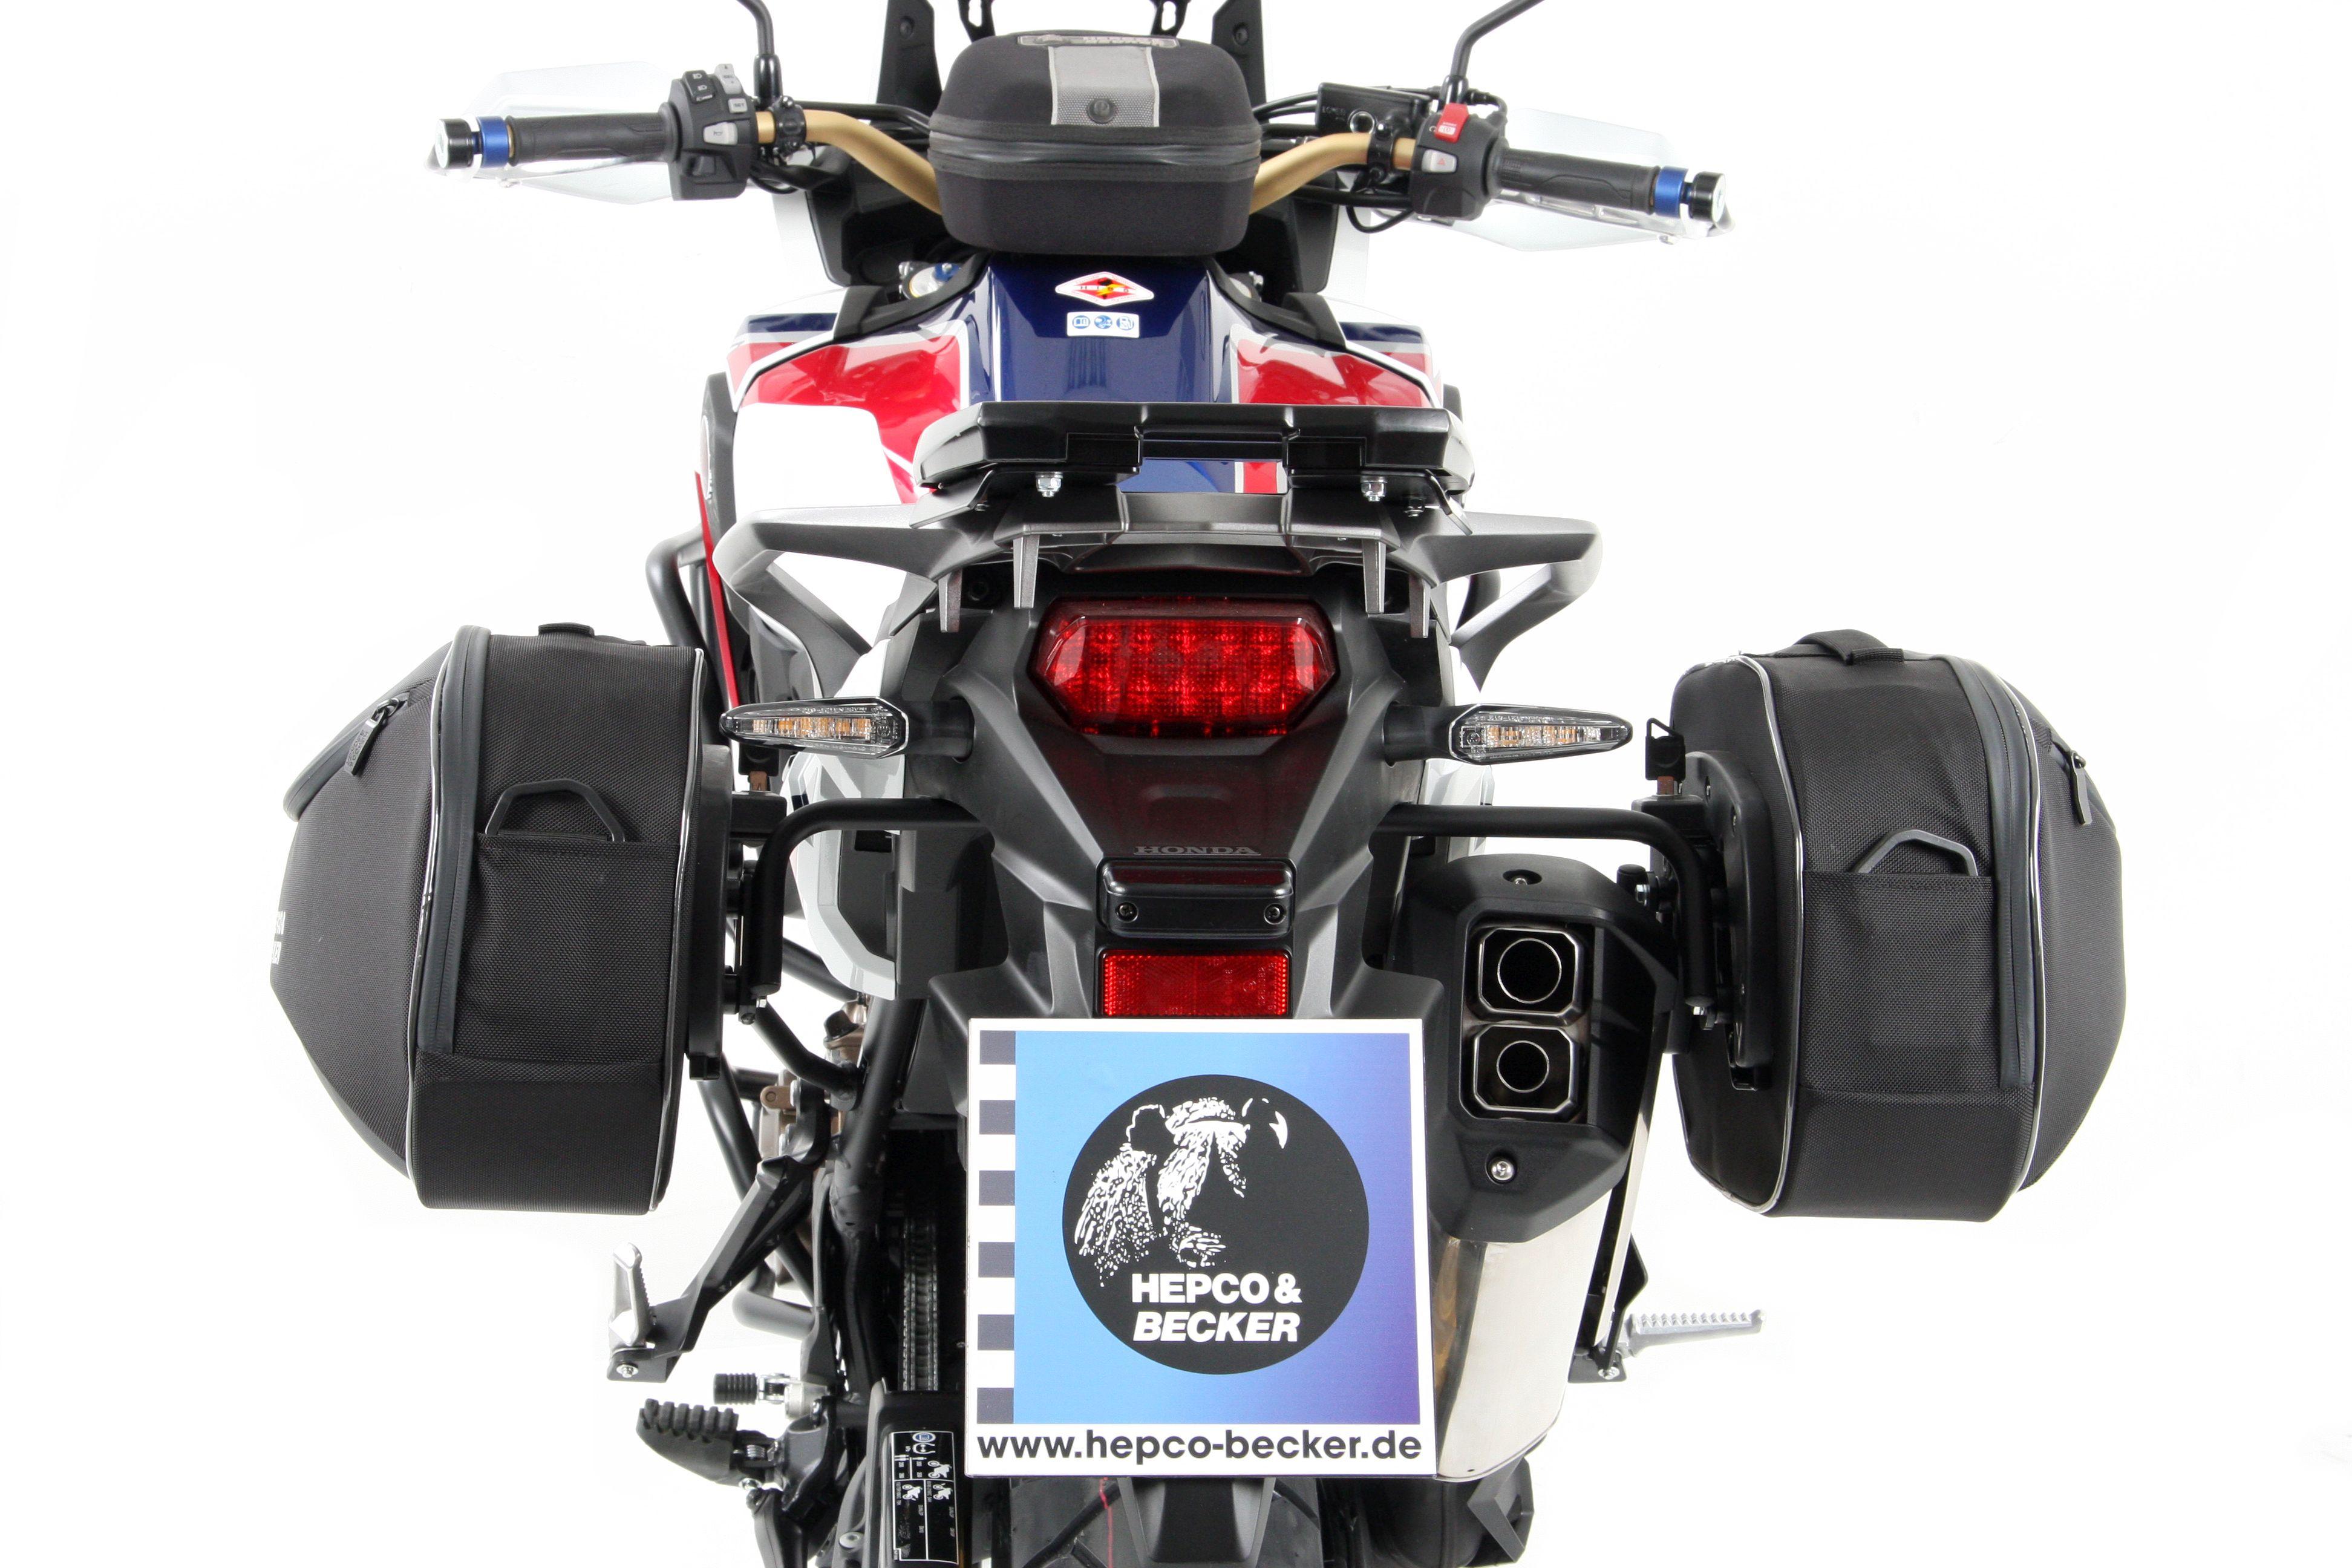 faber wird sterreichischer generalimporteur von hepco becker motorrad fotos motorrad bilder. Black Bedroom Furniture Sets. Home Design Ideas